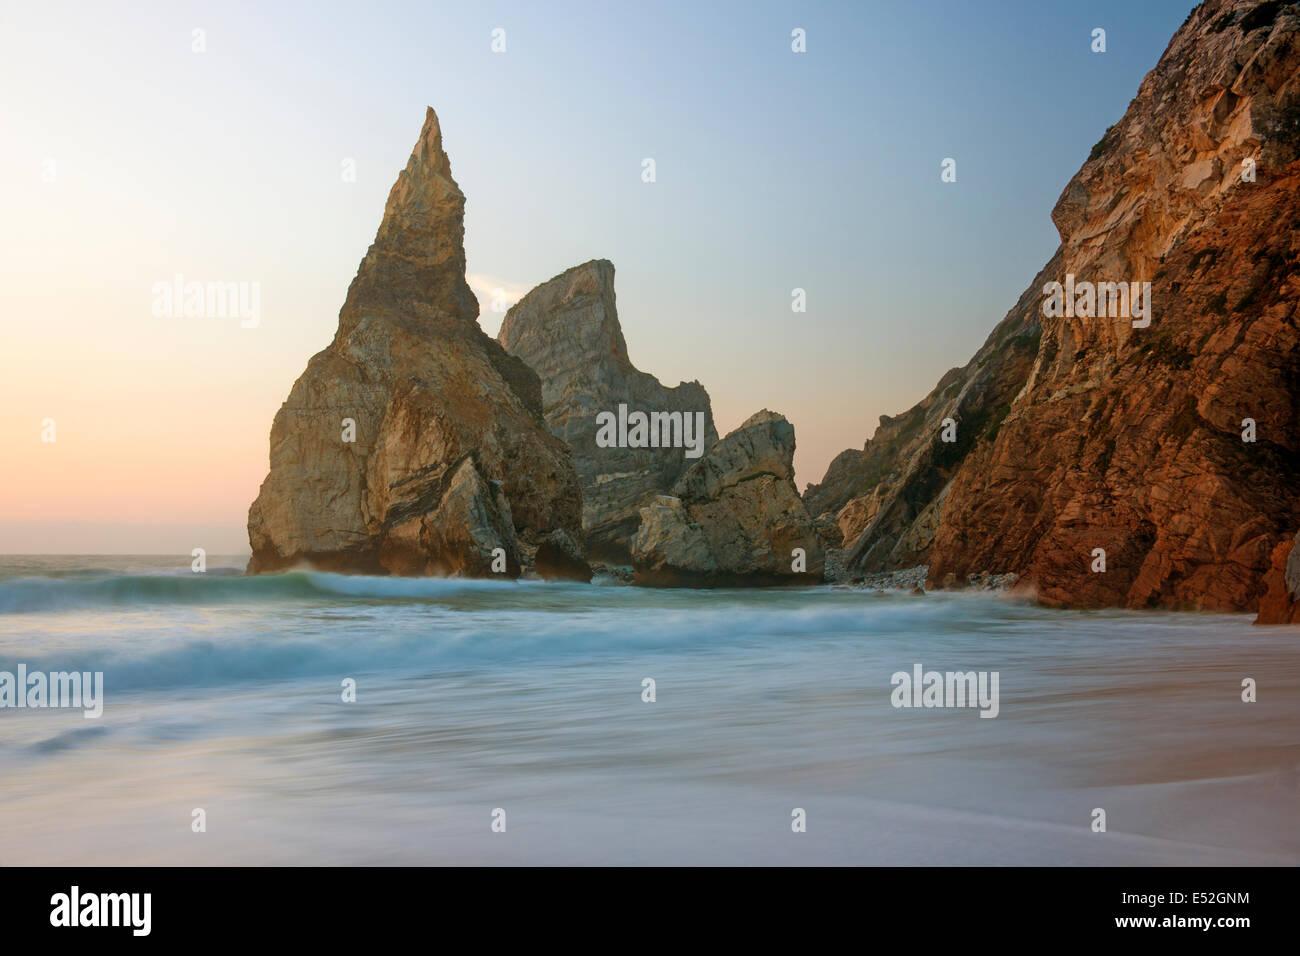 Ursa Beach, en la costa atlántica tiene dramáticas formaciones rocosas llamado el gigante y el oso. Imagen De Stock